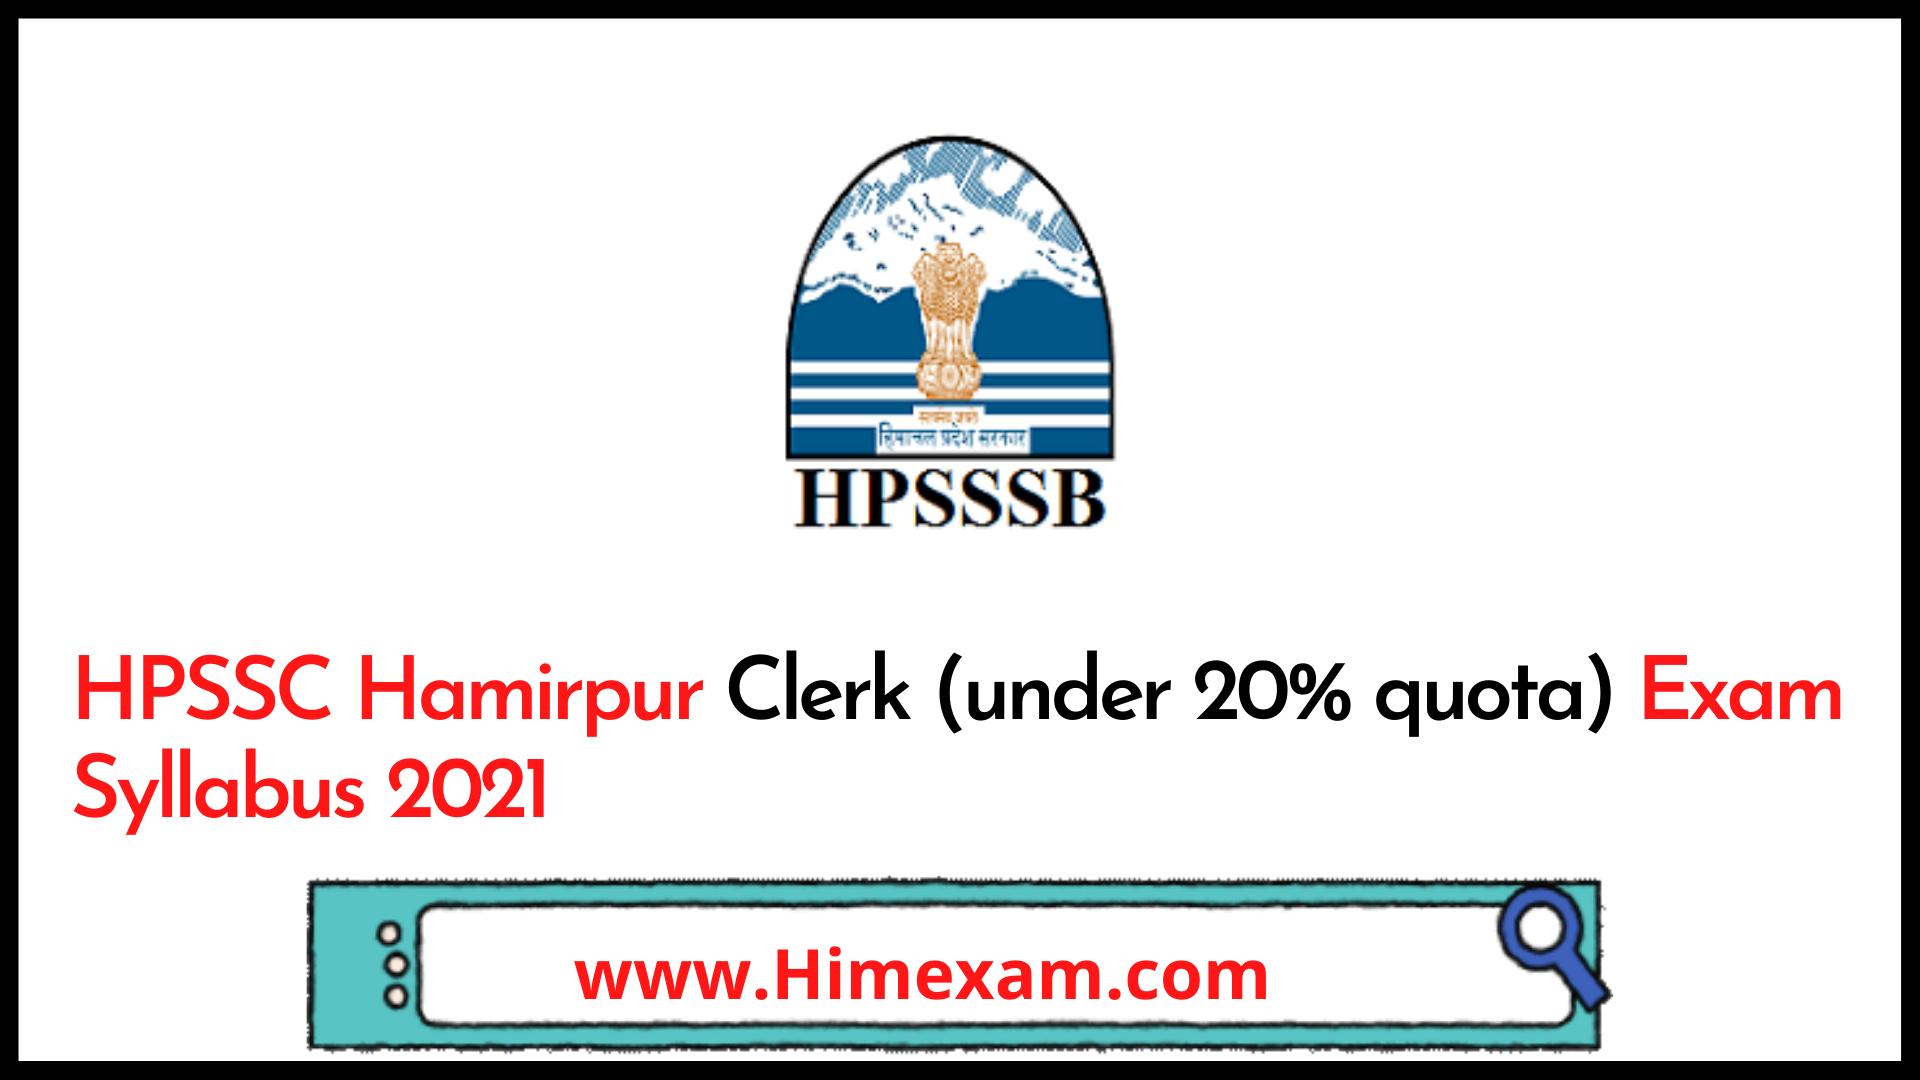 HPSSC Hamirpur Clerk (under 20% quota) Exam Syllabus 2021